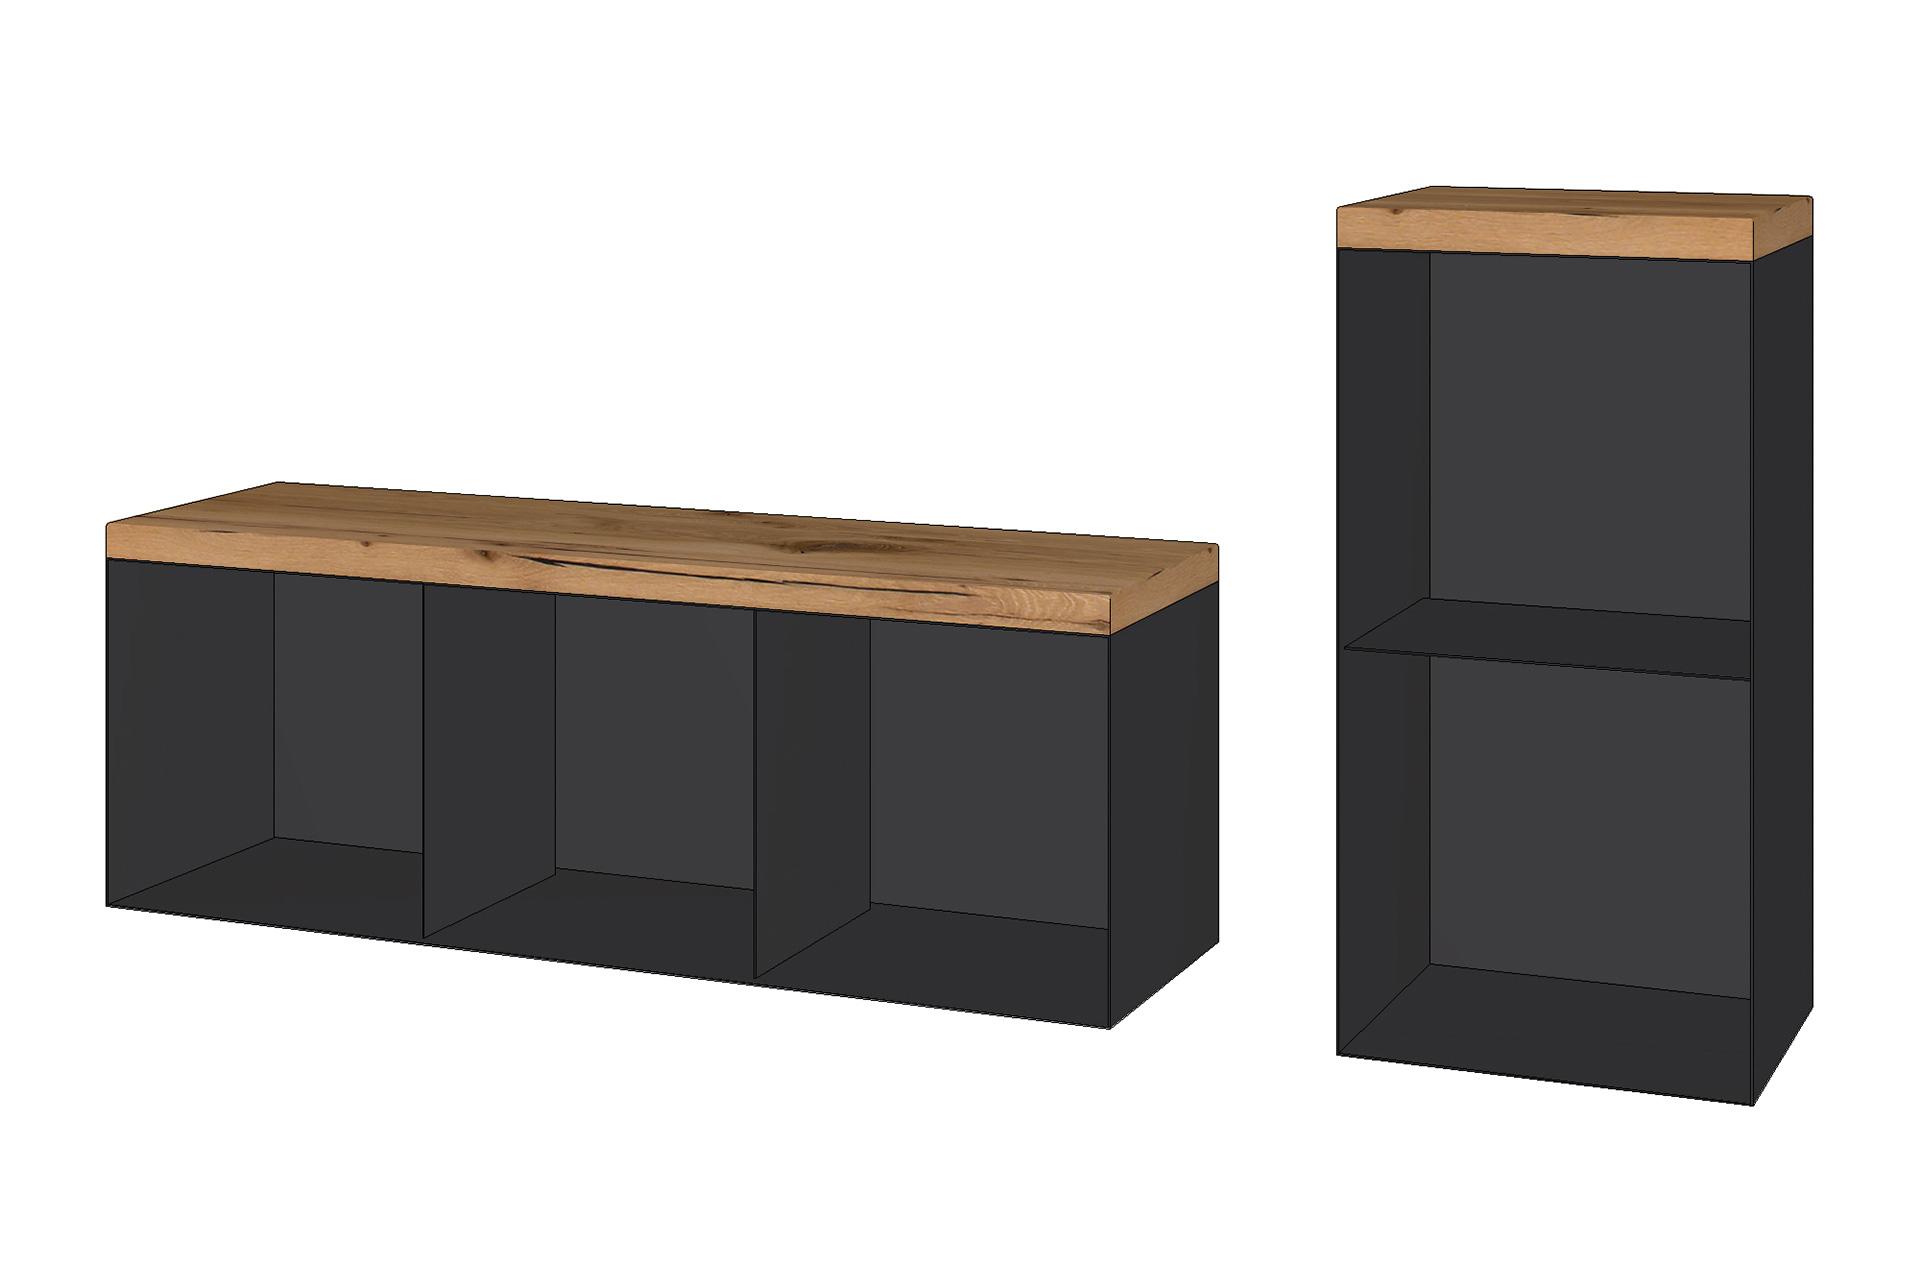 Holzboxen: 3er horizontal und 2er vertikal -Zubehör für Öfen und Kamine